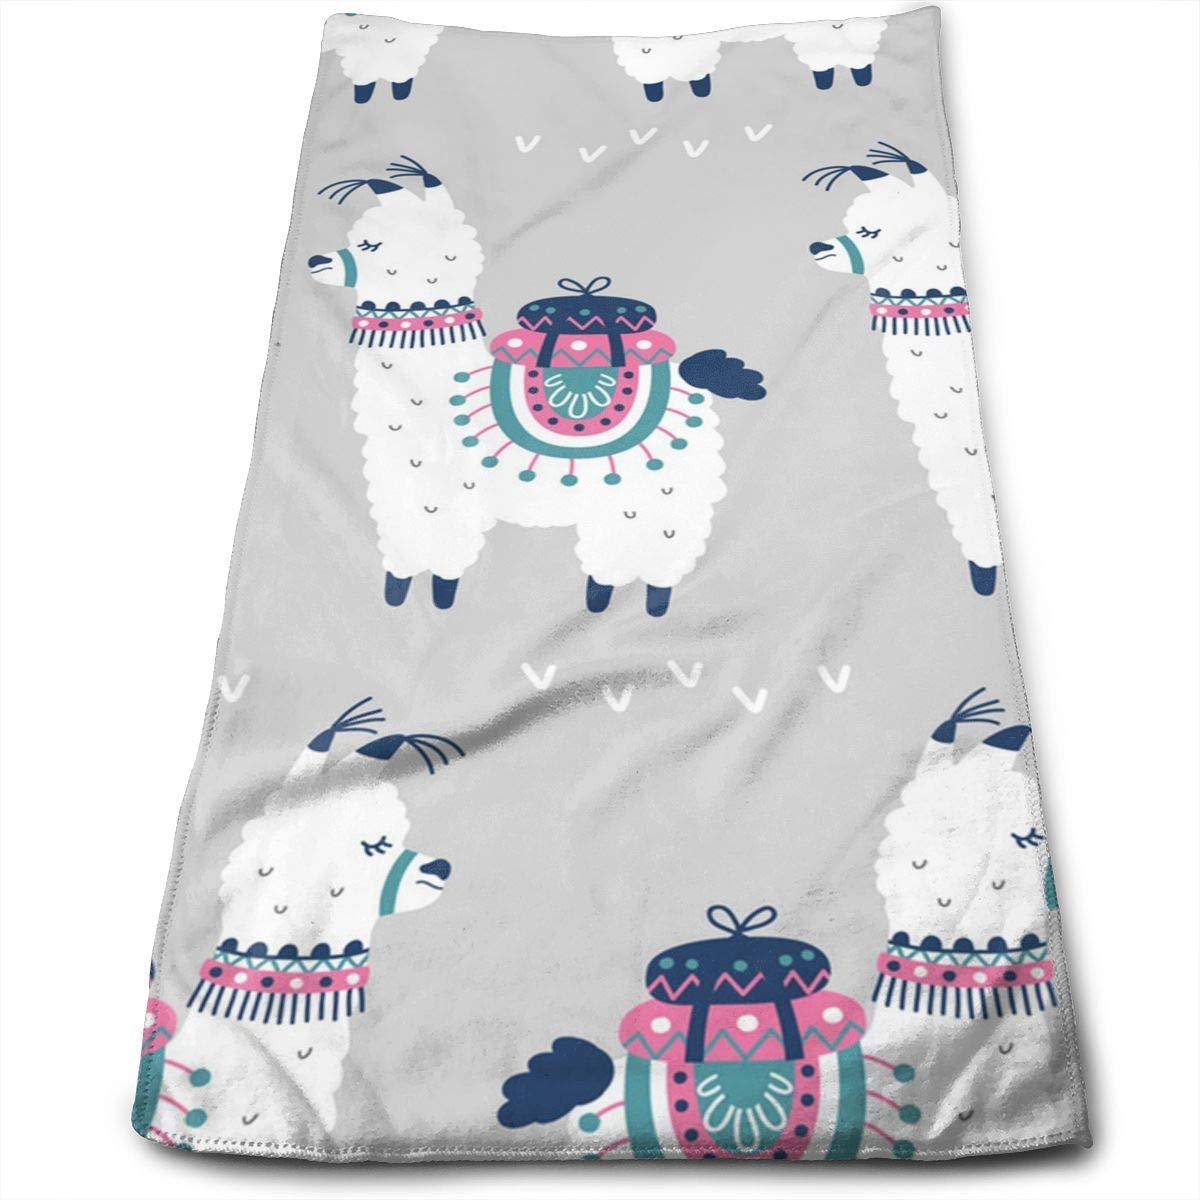 OQUYCZ Cartoon Llama Microfiber Bath Towels for Hotel-SPA-Pool-Gym-Bathroom - Super Soft Absorbent Ringspun Towels